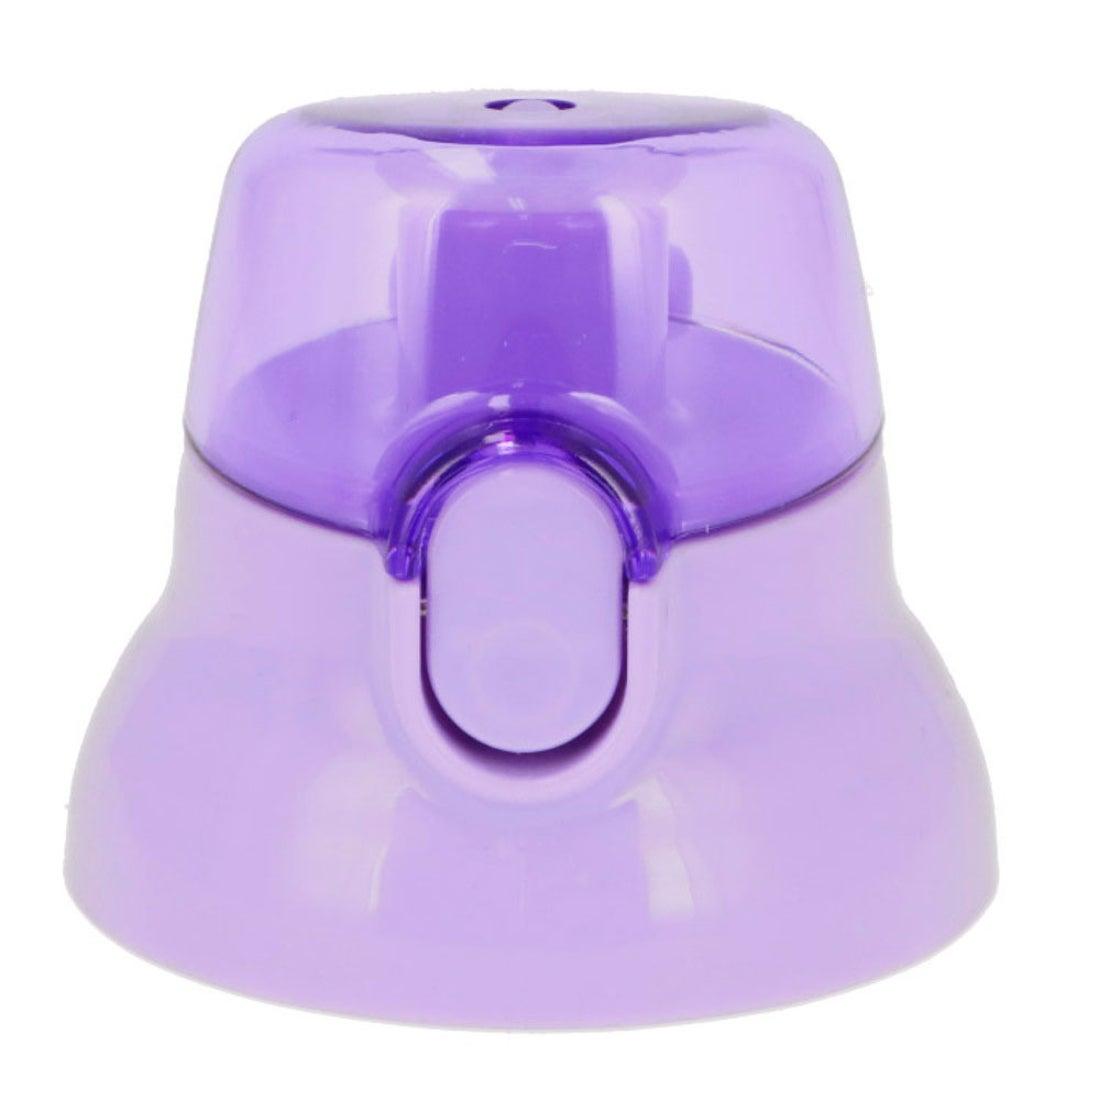 スケーター SKATER PSB5SAN専用 キャップユニット (紫)